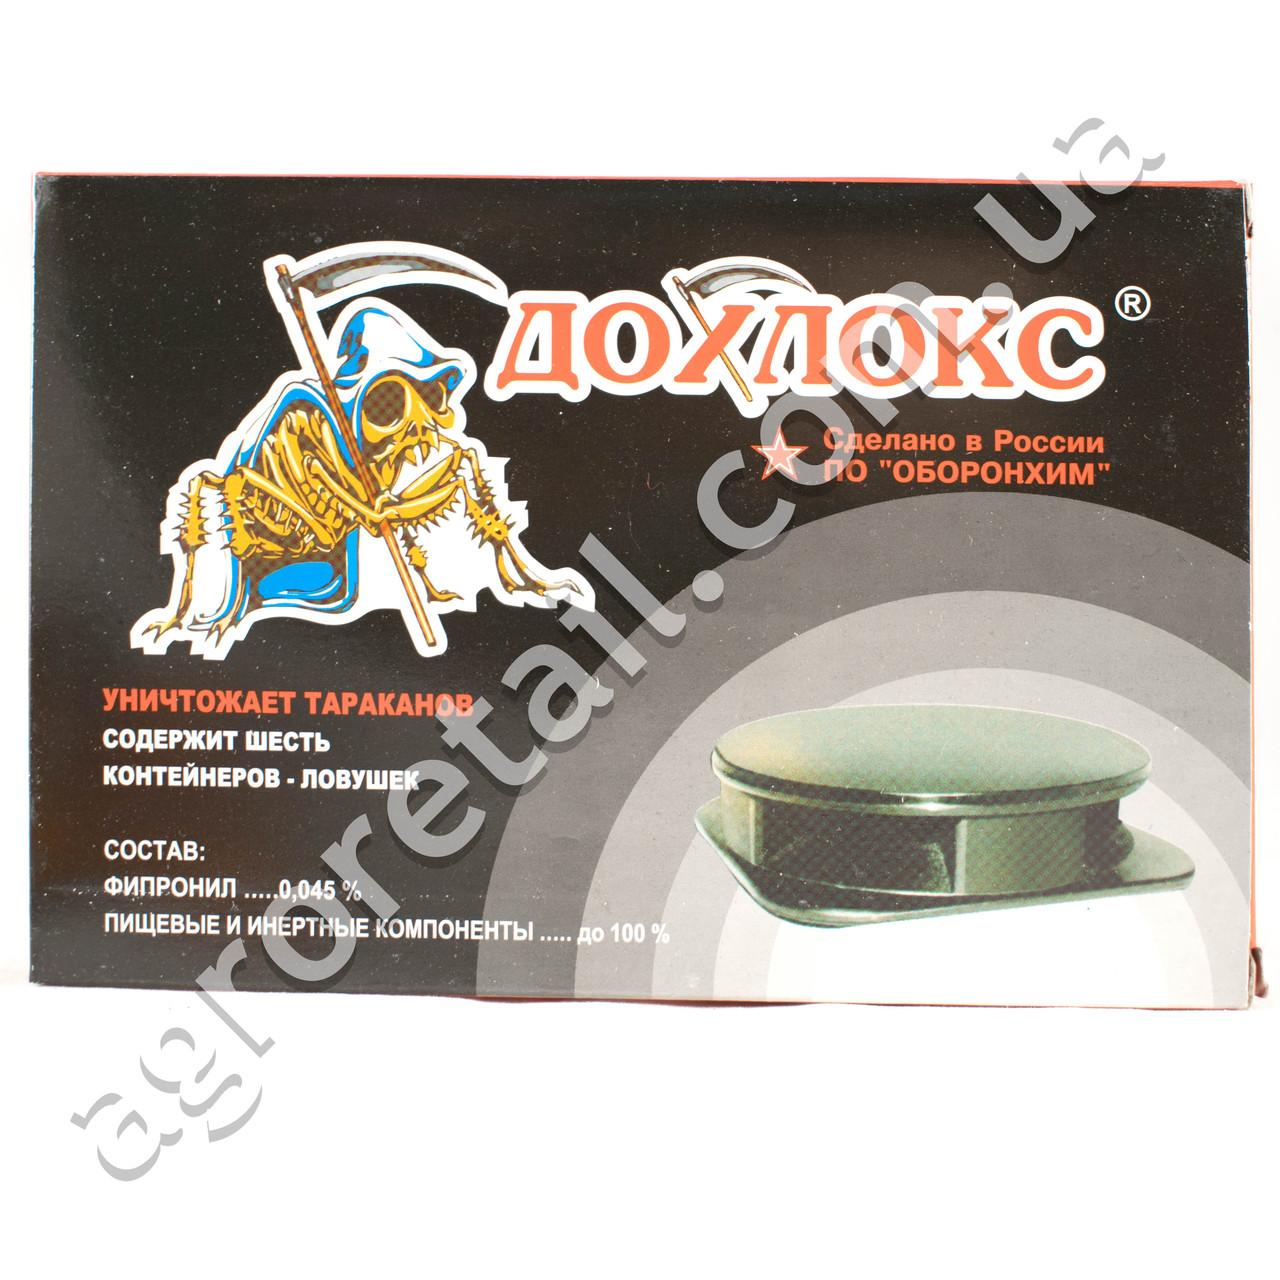 Ловушка для тараканов и муравьев Дохлокс 6 дисков